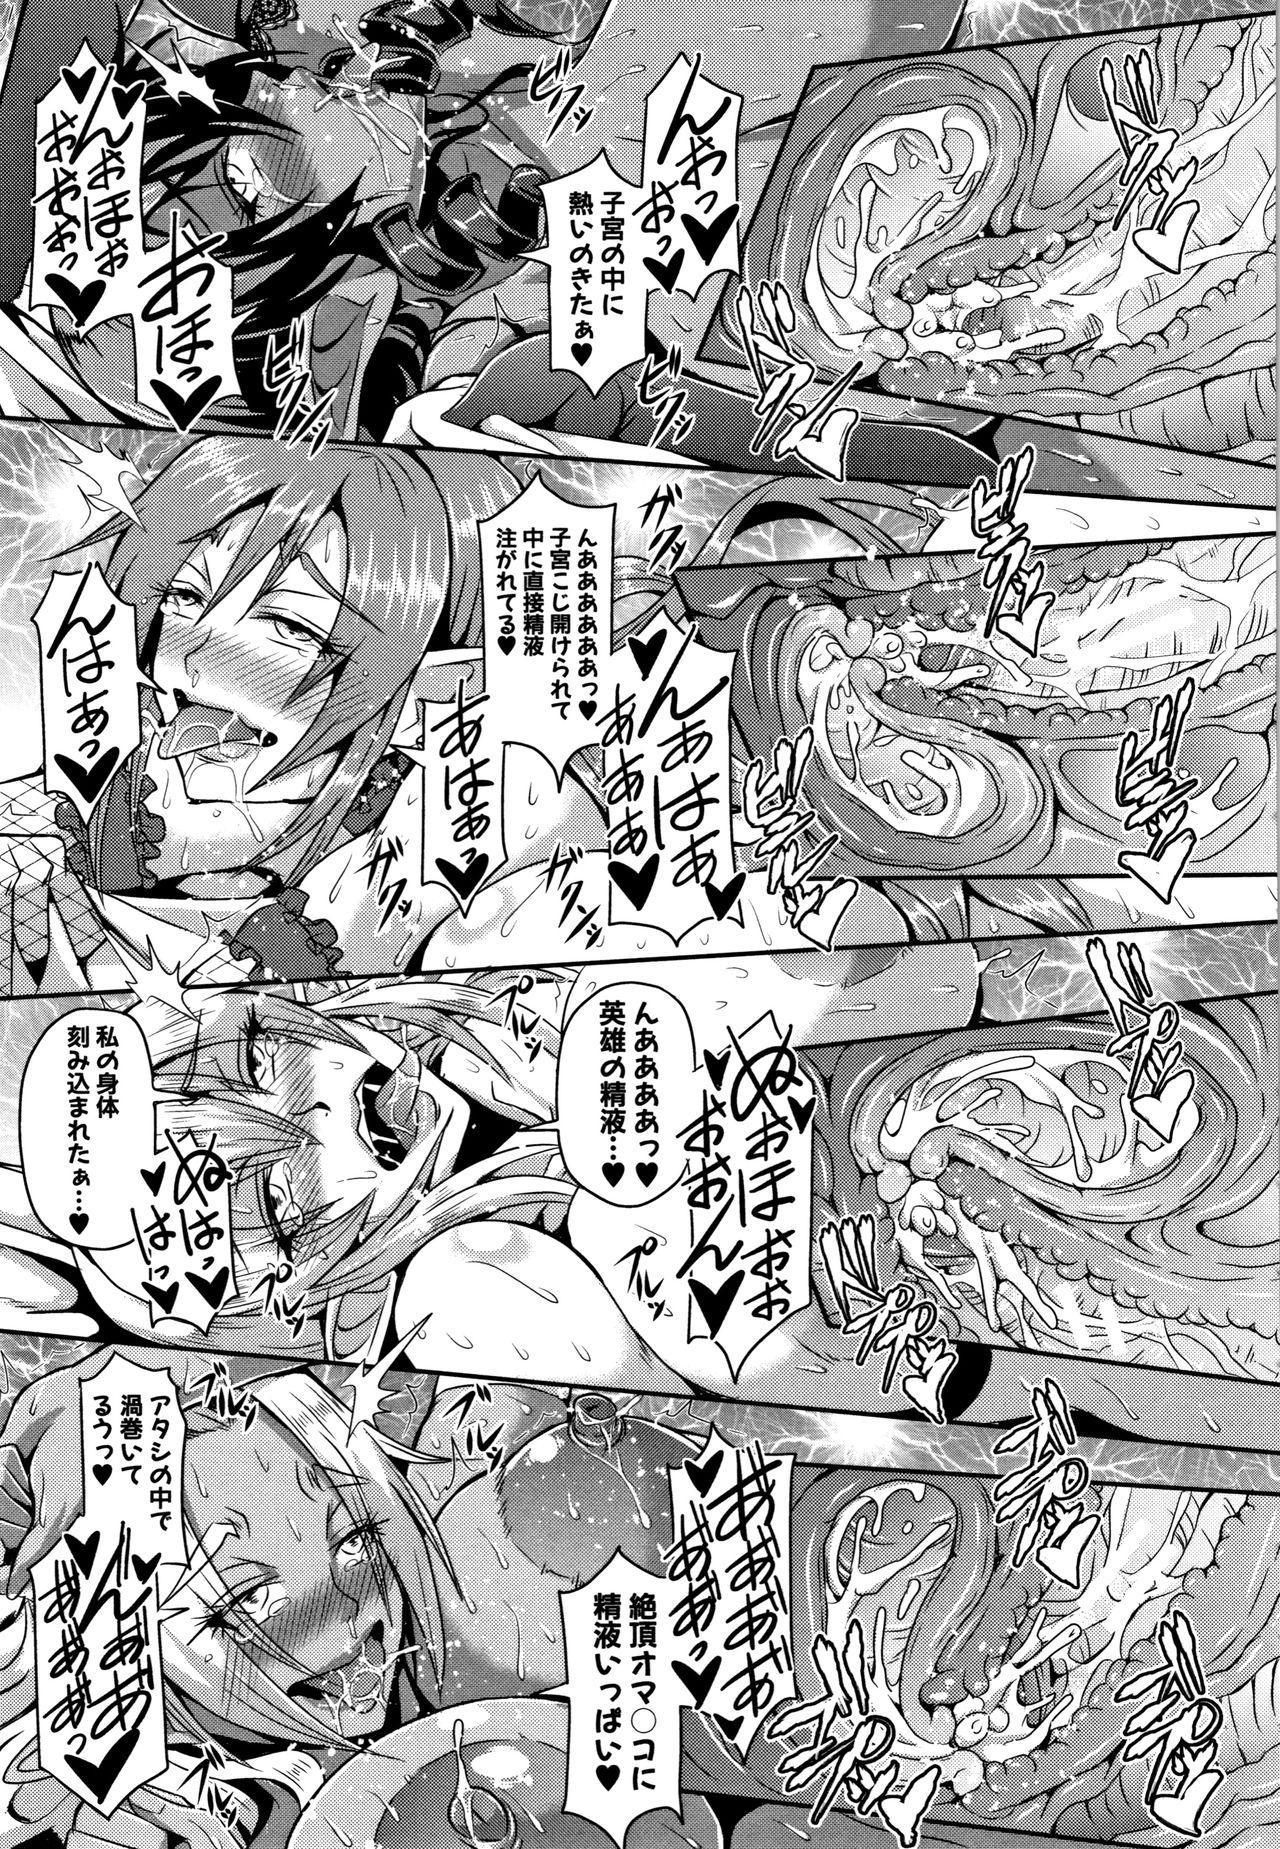 Elf Harem Monogatari - Elf Harem Story 36